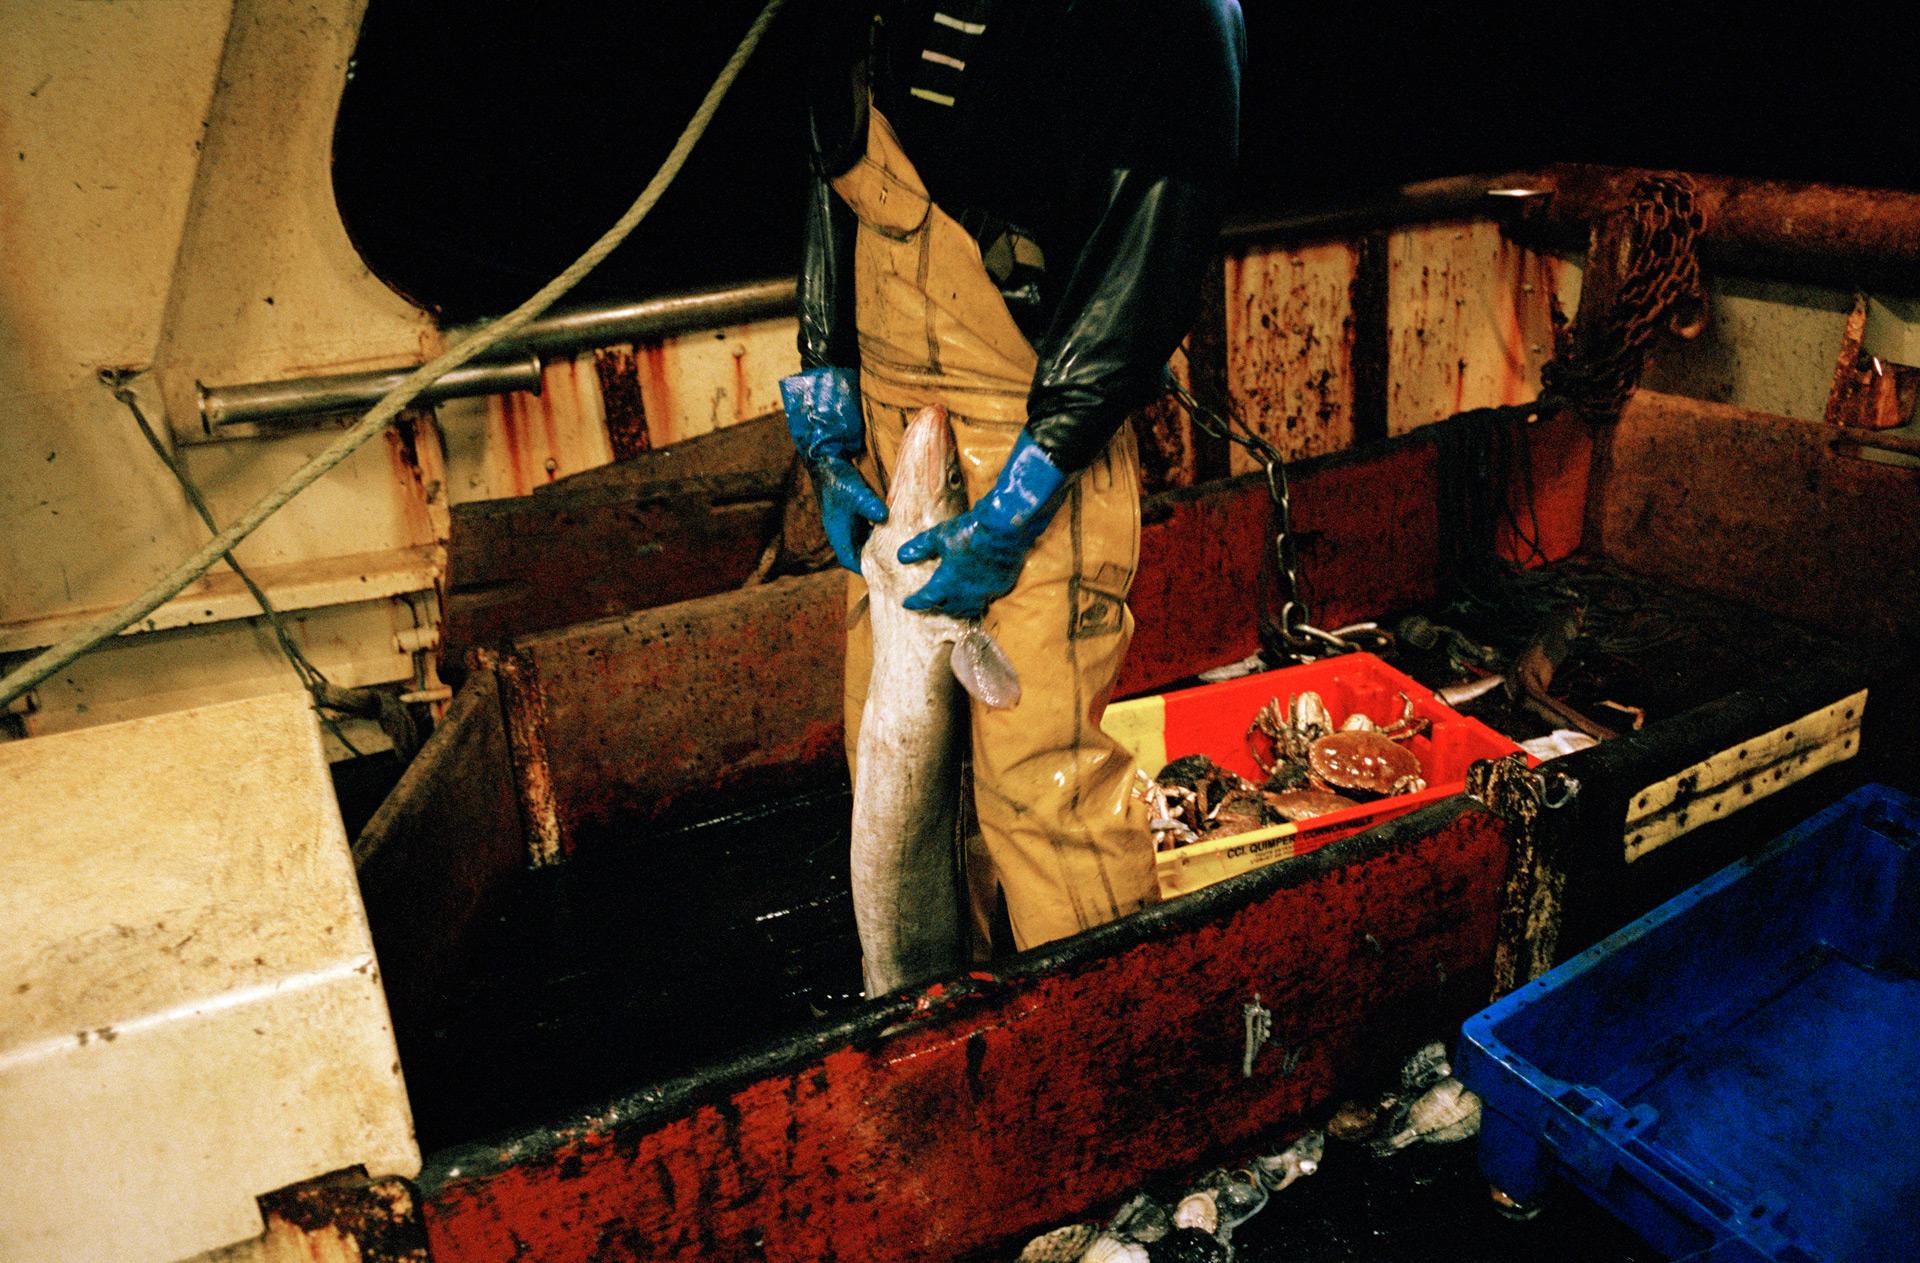 Tri du poisson.   Les quotas de pêche sont fixés par l'Union Européenne et déterminés dans le cadre de la Politique Commune de Pêche (PCP) afin de protéger les ressources halieutiques et de permettre le renouvellement des stocks de poissons. Tous les poissons comestibles pêchés par les chalutiers européens sont soumis à cette règlementation. Tant qu'ils pêchent en Europe. Certains lobbies, présents au Parlement EU, font pression pour continuer de pratiquer la pêche en liberté.